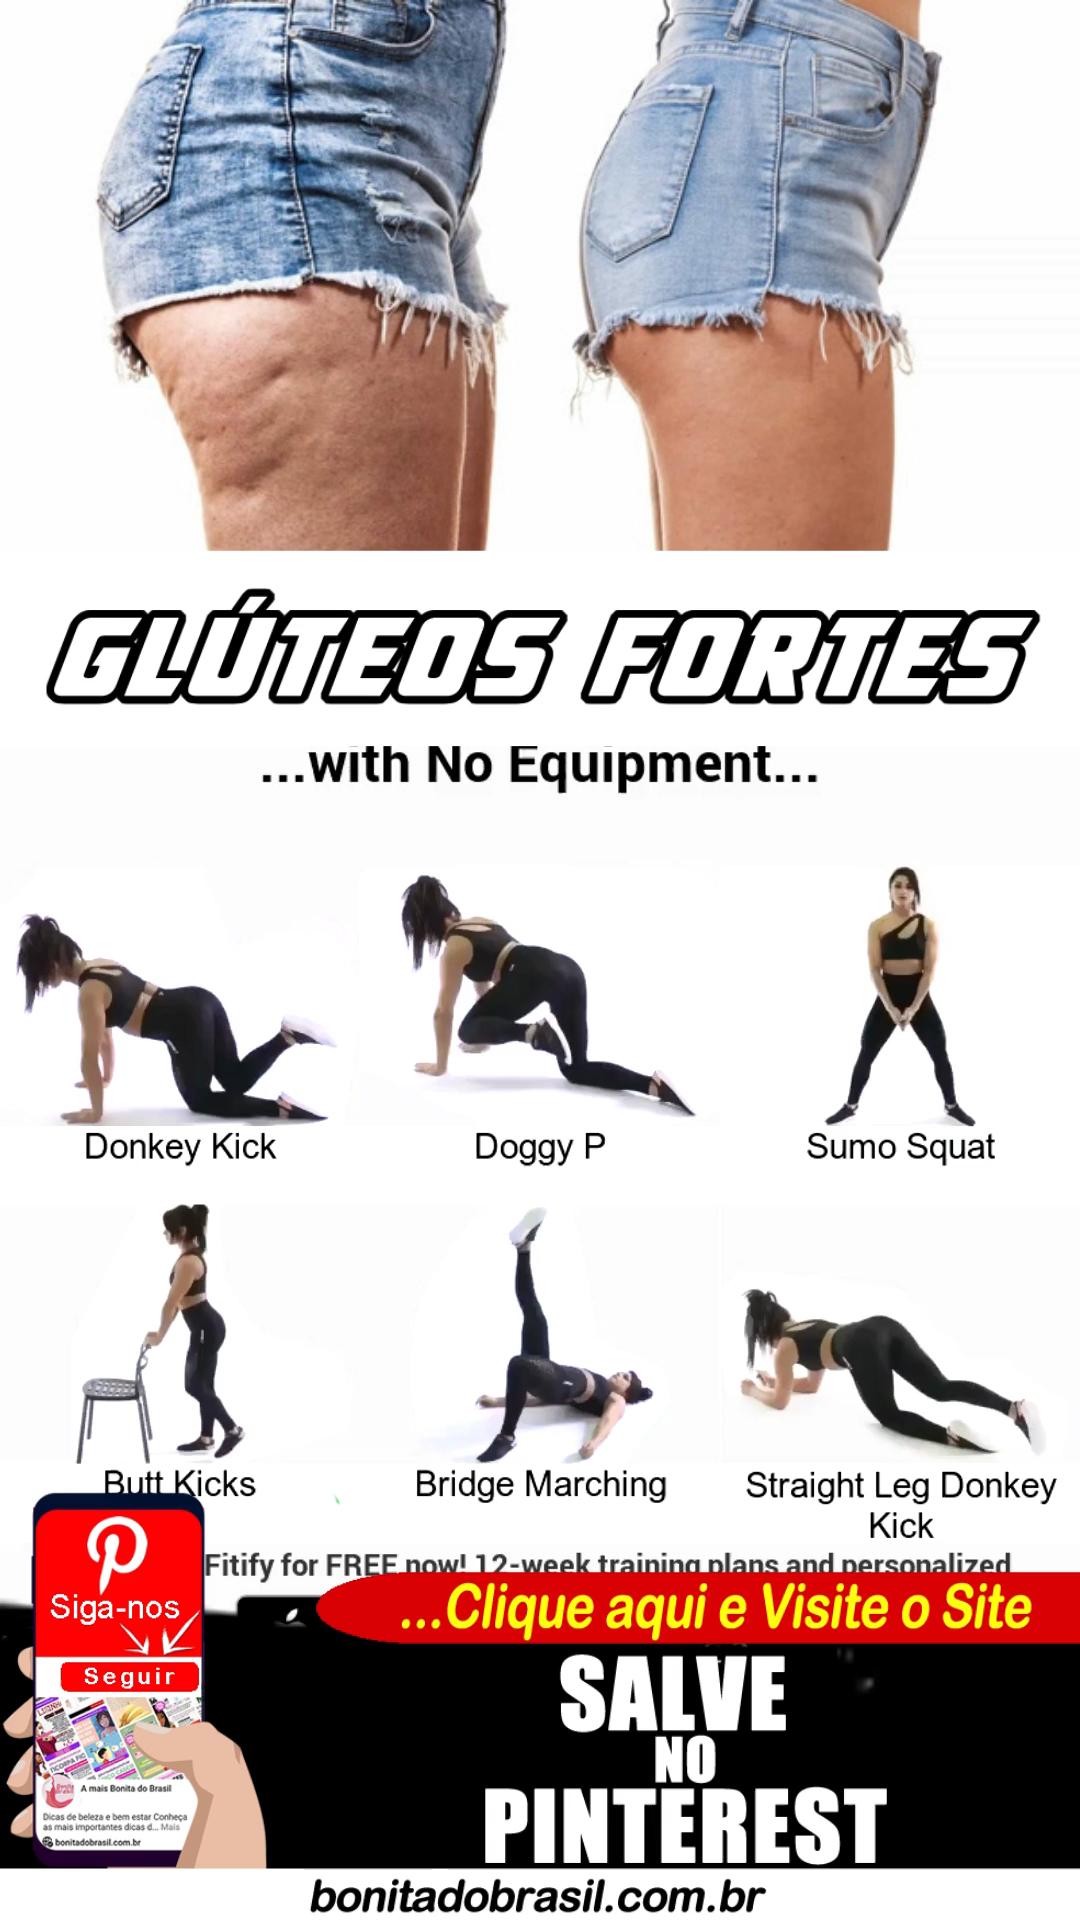 Exercícios para Levantar Glúteos Rapidamente. CLIQ